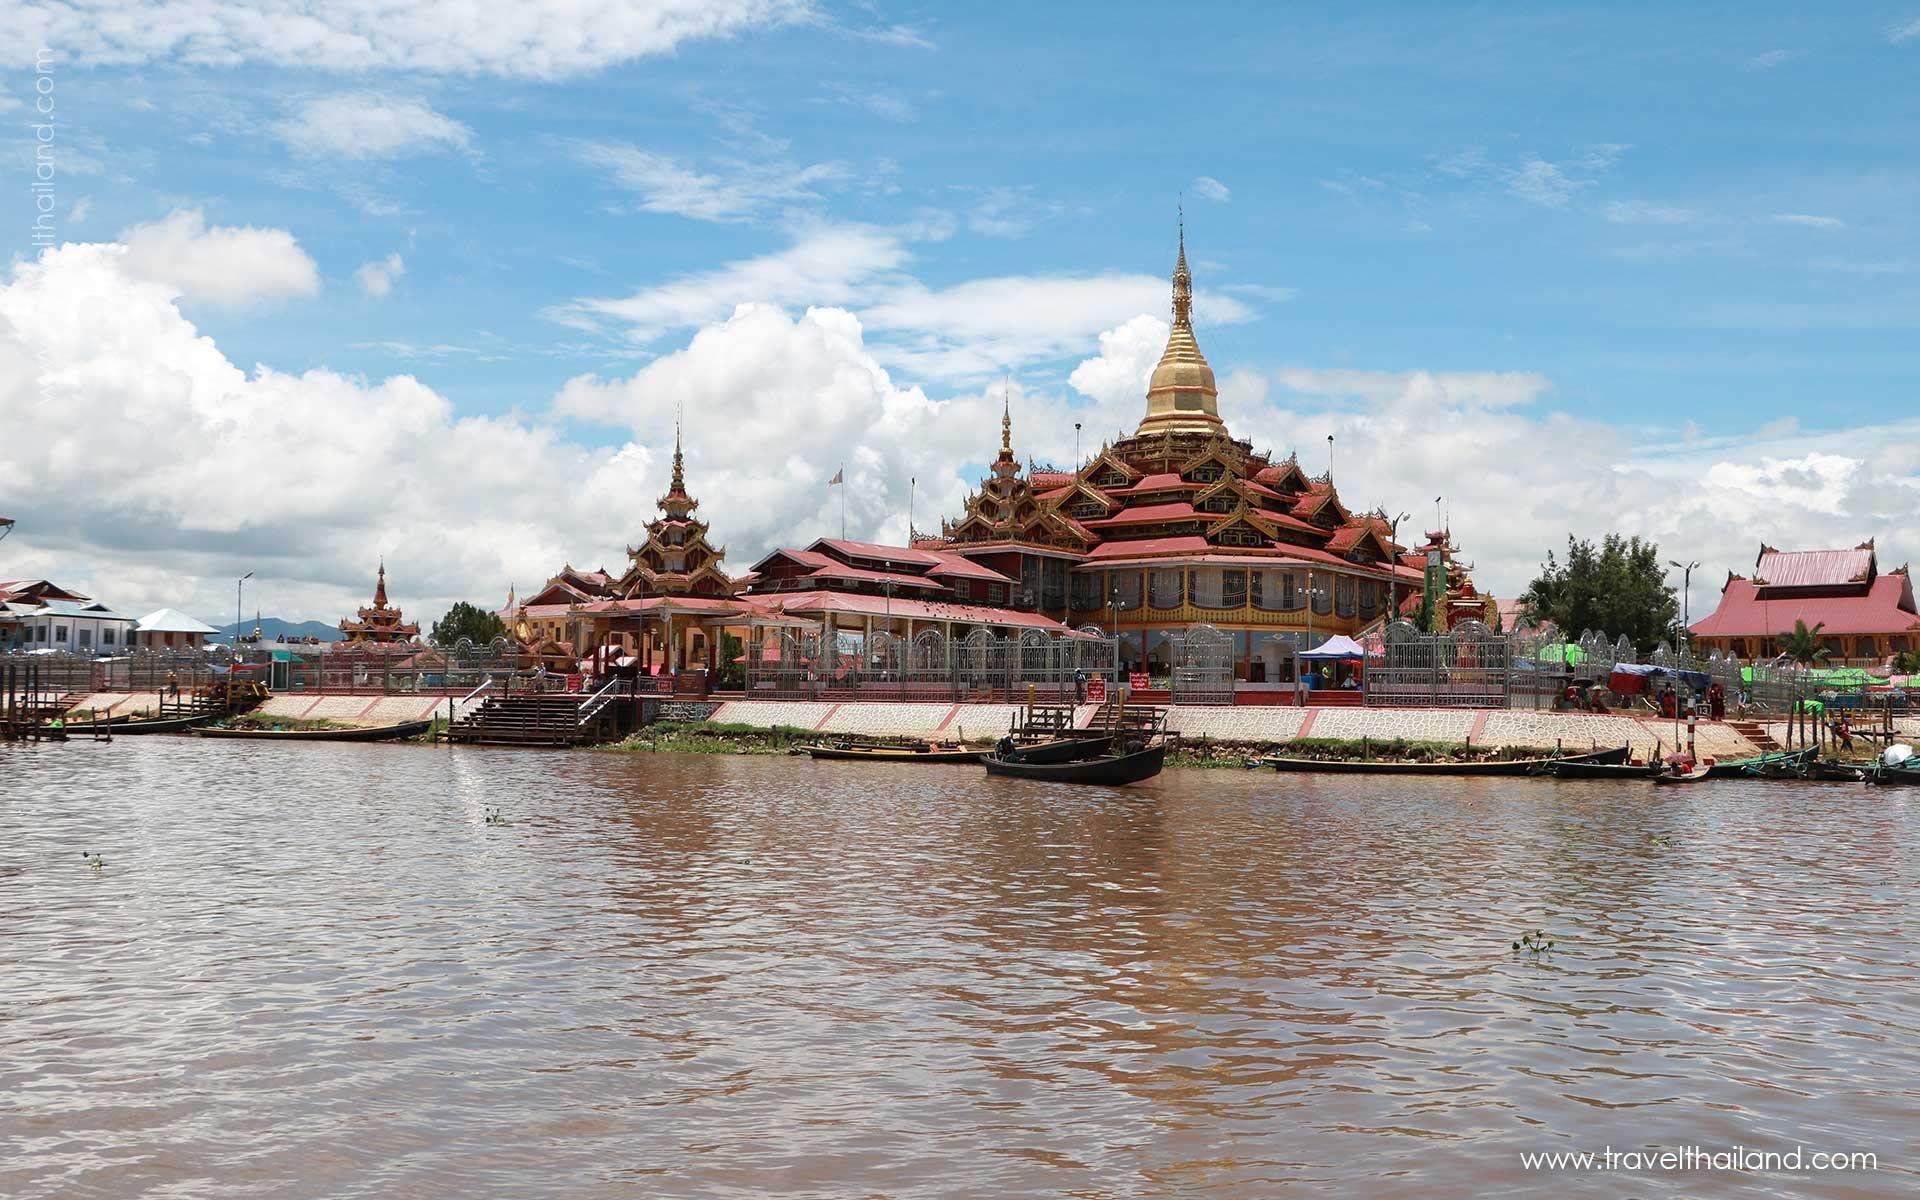 Creating Memories from Bangkok to Halong Bay - 6 Days